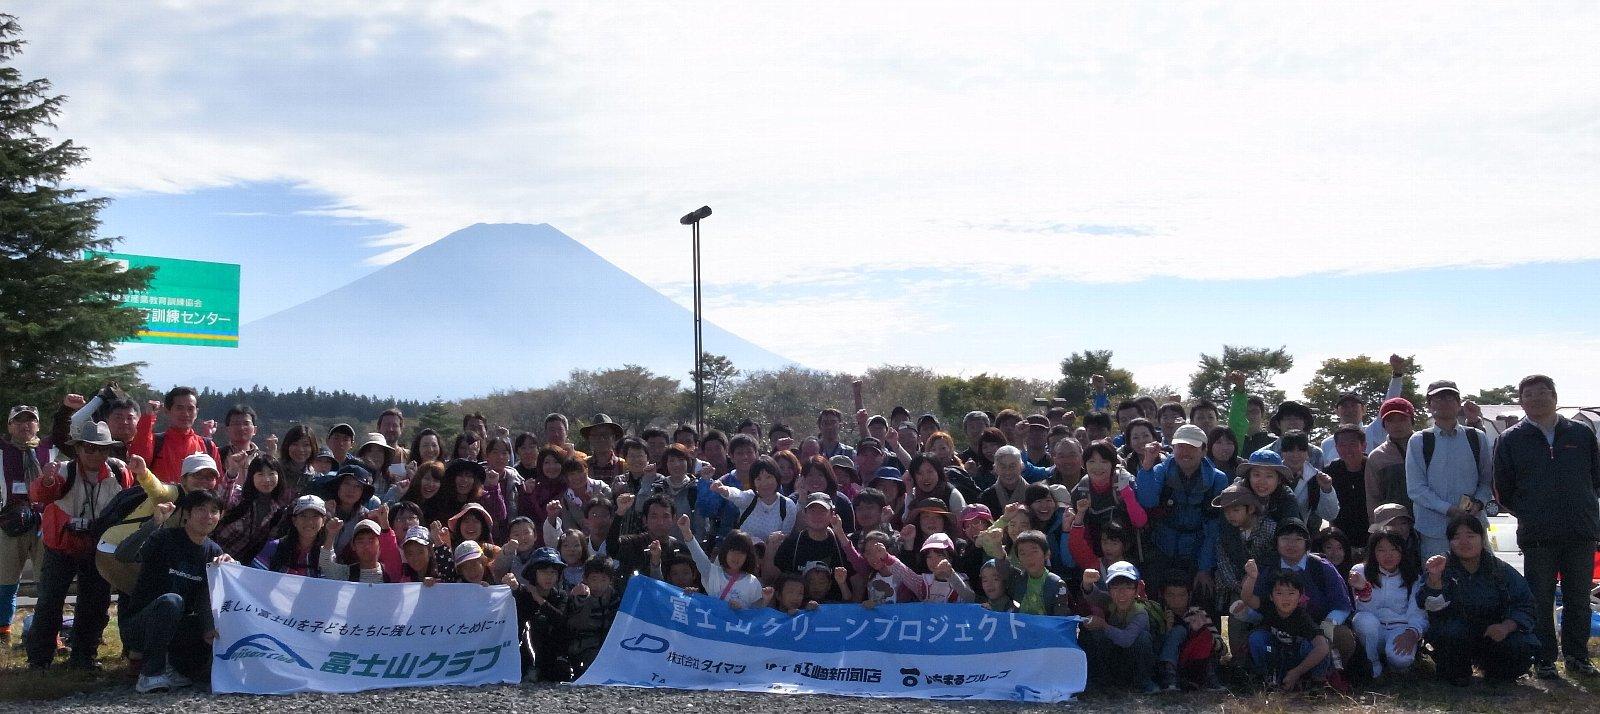 富士山クリーンプロジェクト2012が開催されました。